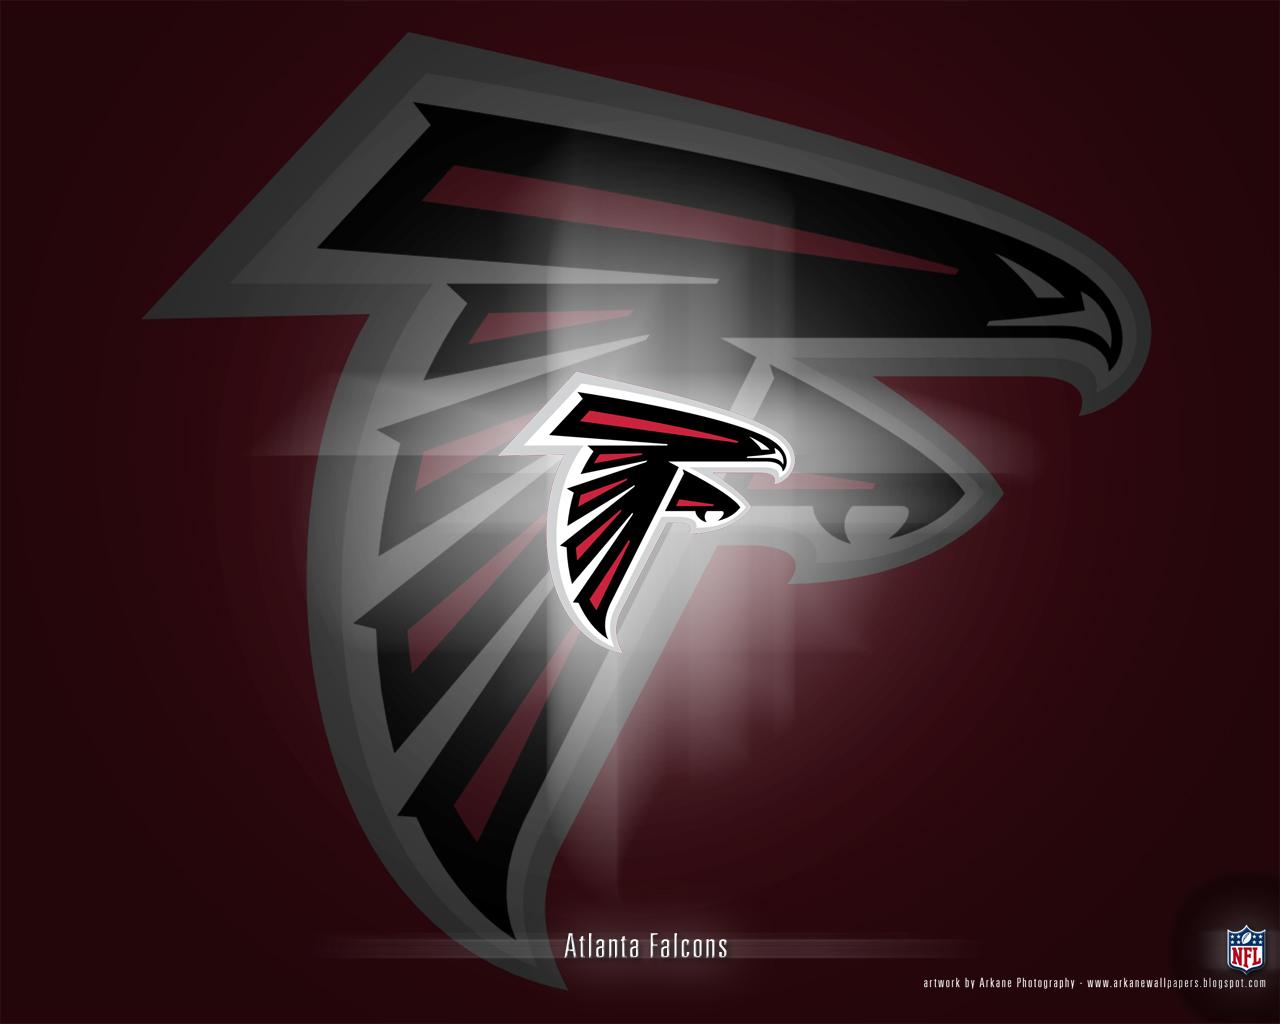 Arkane NFL Wallpapers Atlanta Falcons   Vol 1 1280x1024